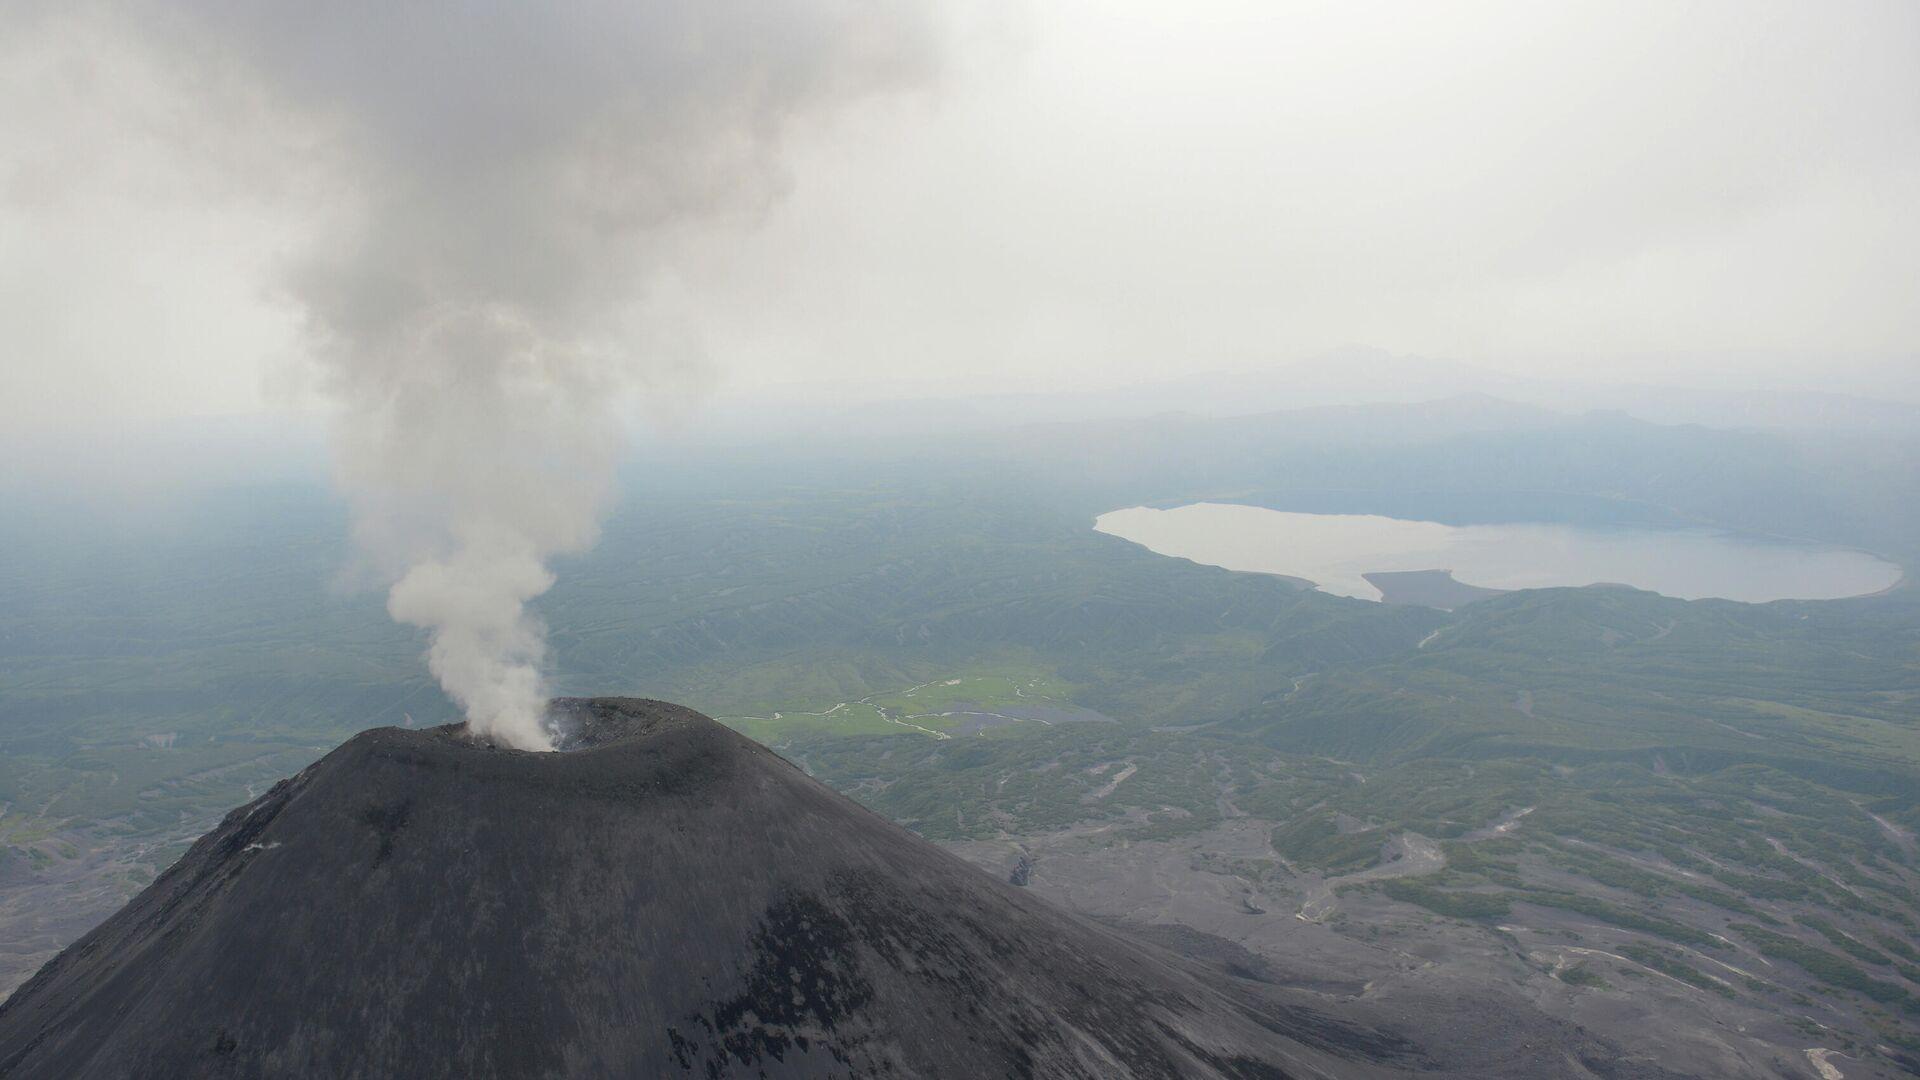 На Камчатке в двух селах есть угроза выпадения пепла из-за выброса вулкана